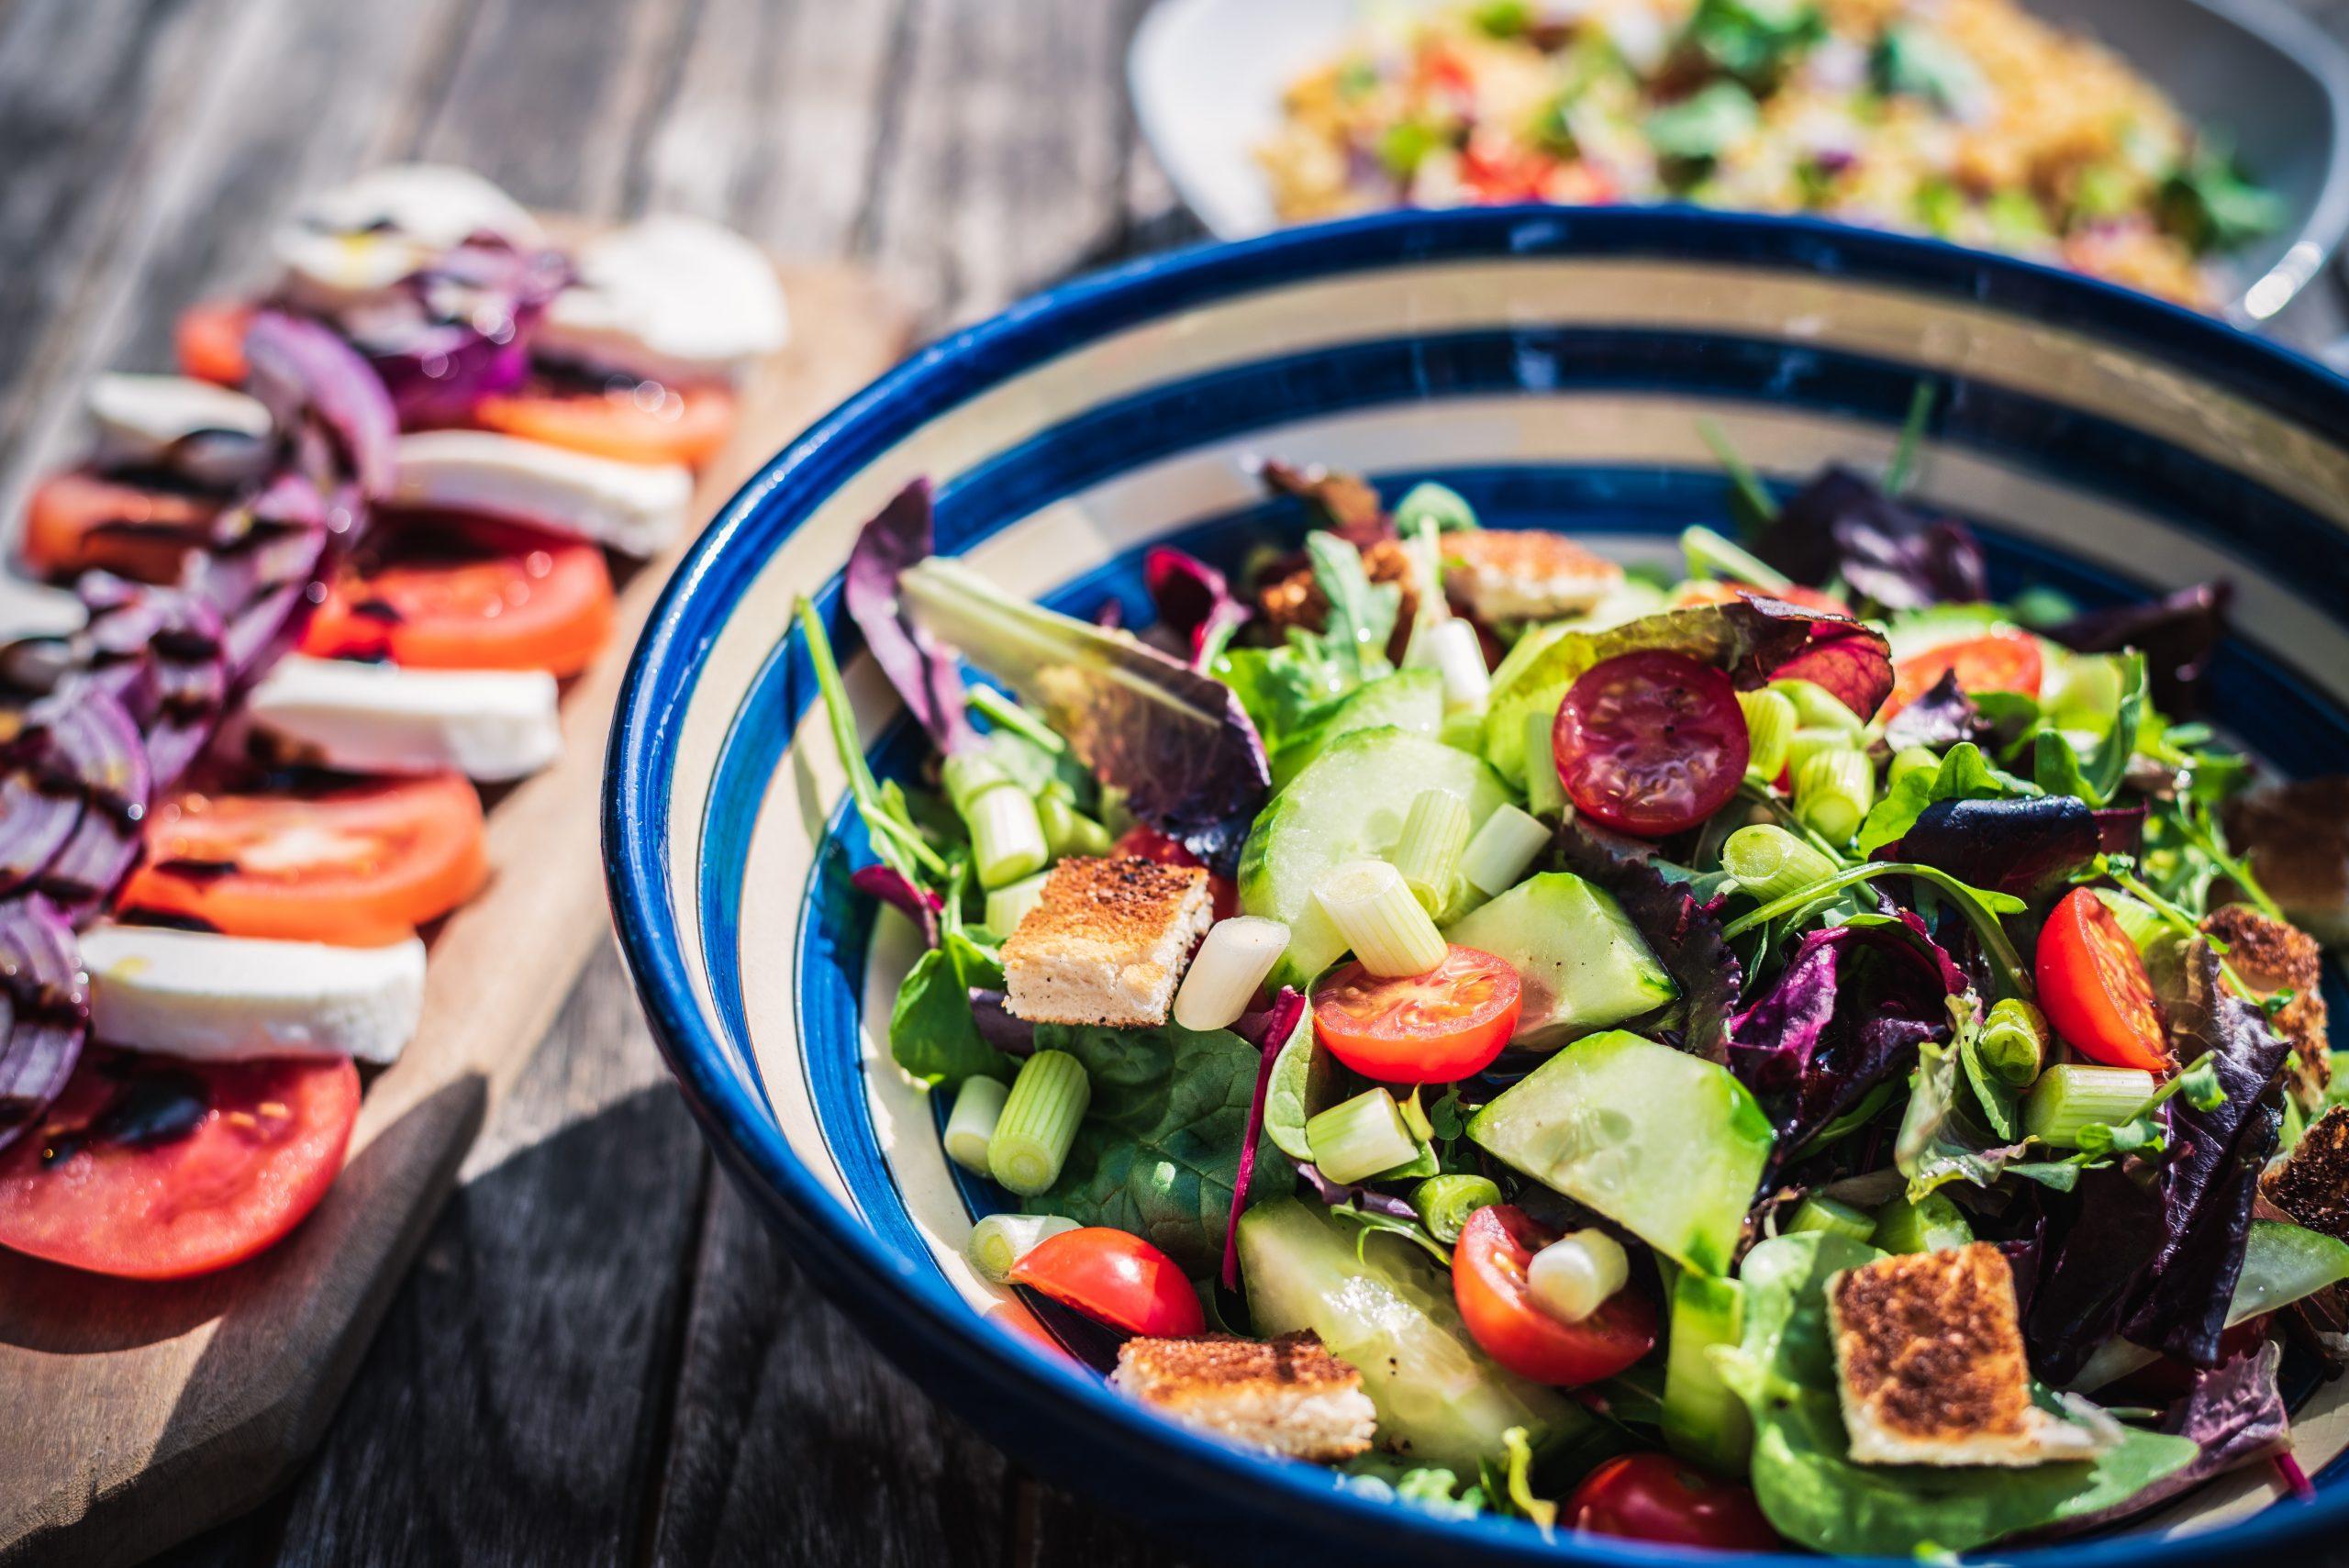 Jejum intermitente e alimentação saudável: um combo da saúde